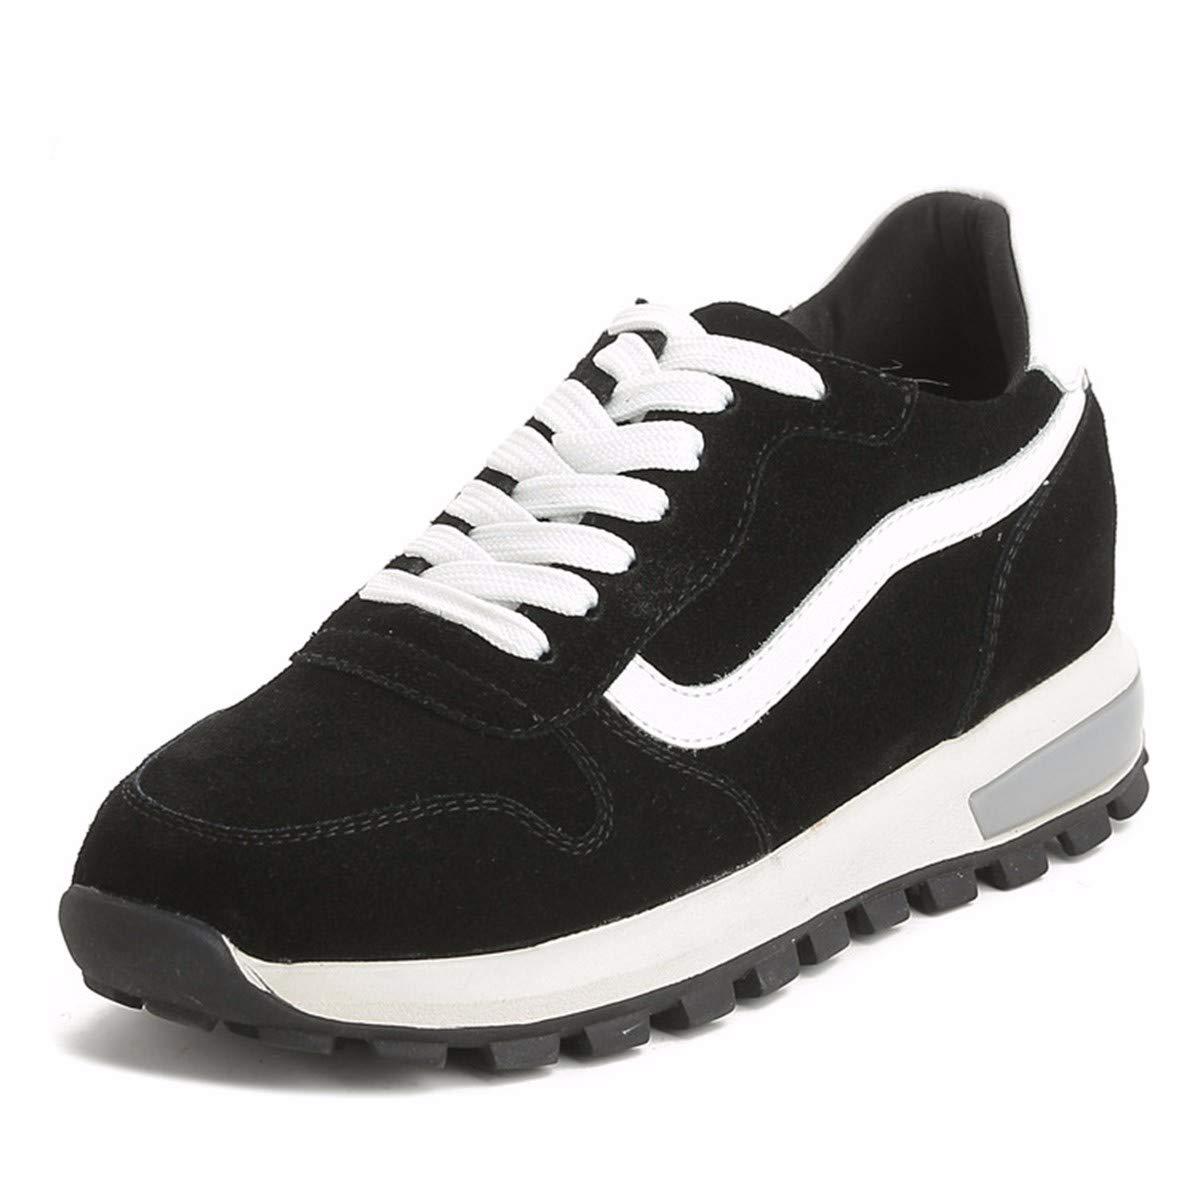 KPHY Damenschuhe/Casual Schuhen Leder Schuhe Schuhe Student Wild Student Schuhe Schwarz 38 - 45adce